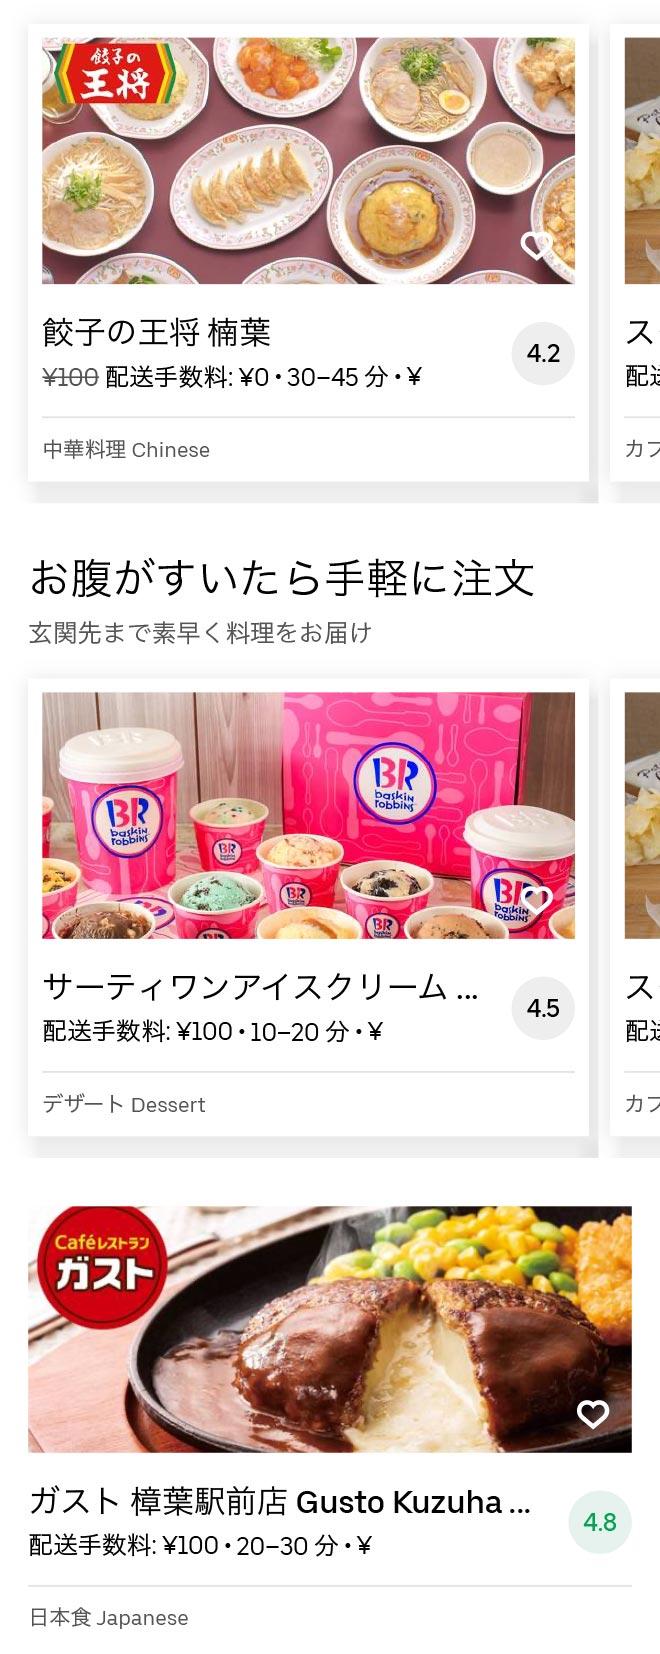 Kuzuha menu 2010 02